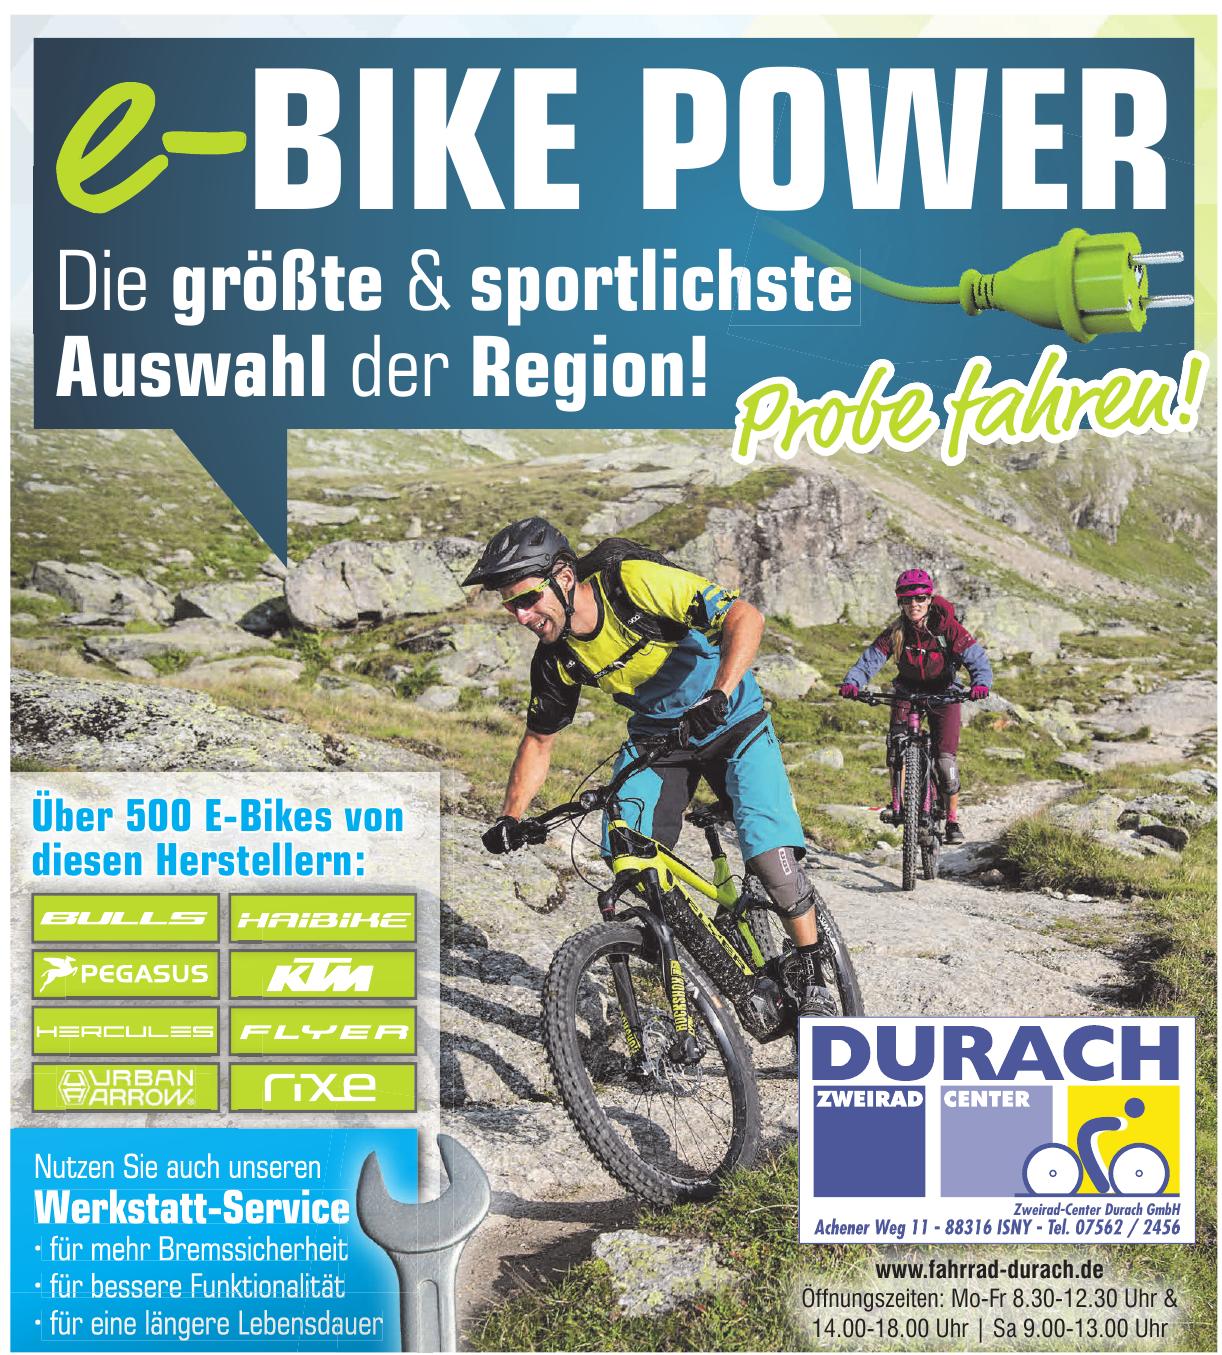 Fahrrad Durach